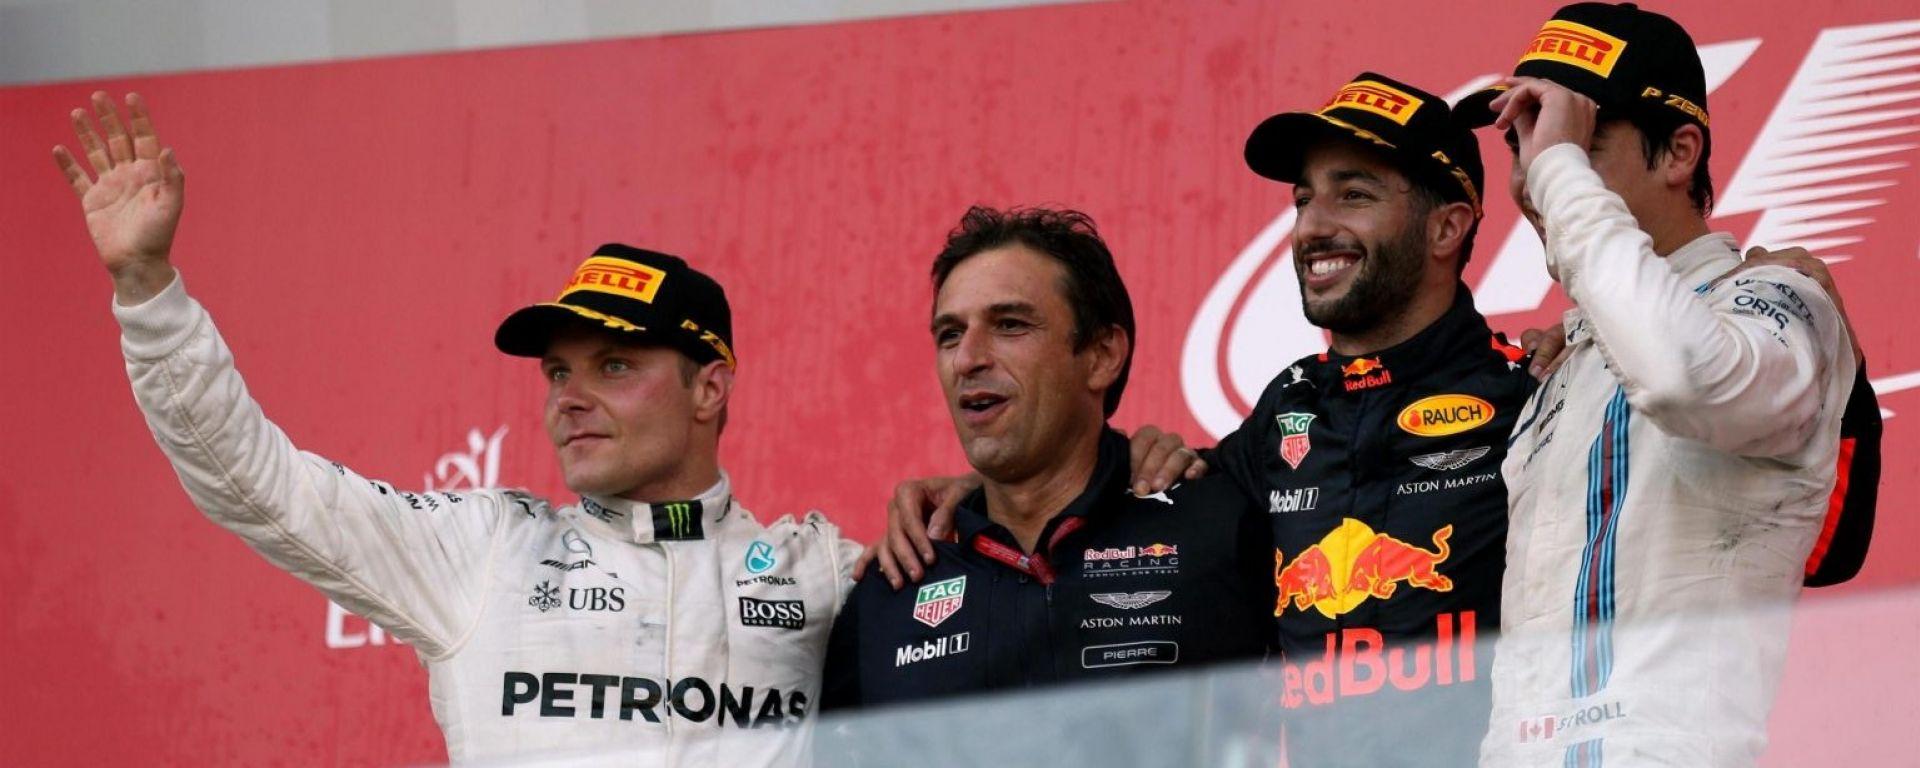 F1 2017 GP Azerbaijan, il podio